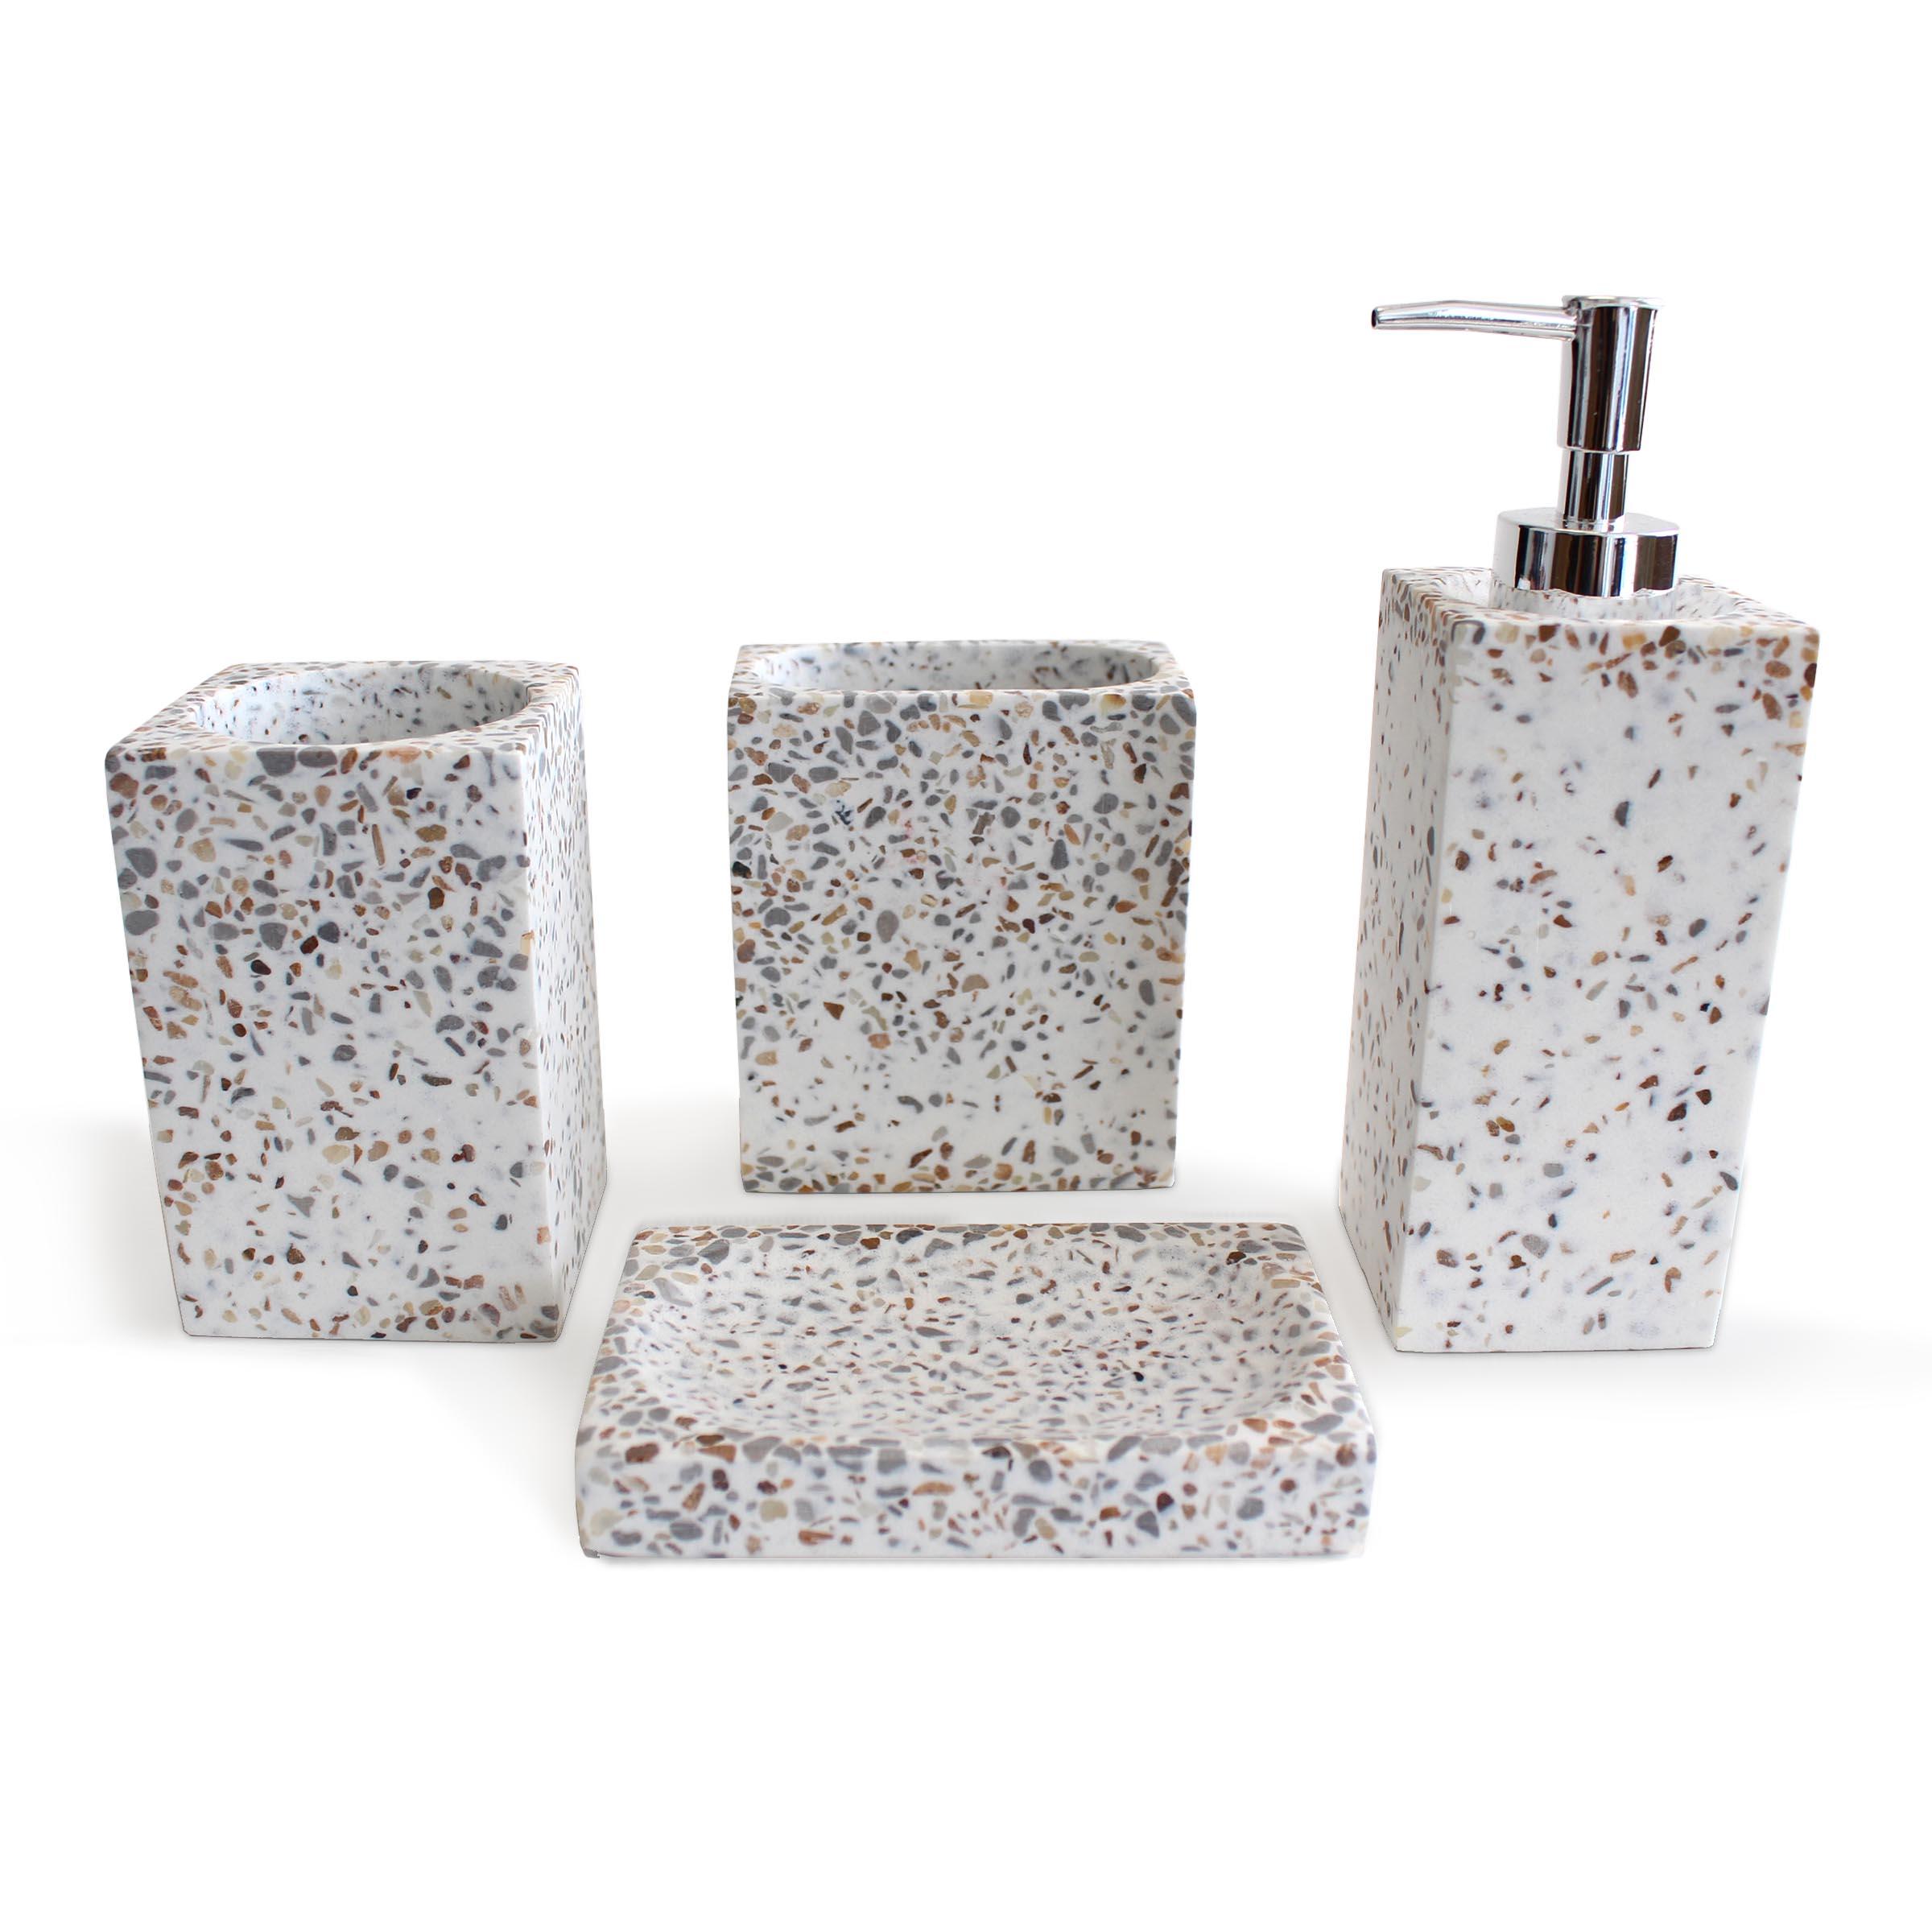 Terrazo multi resin accessory set